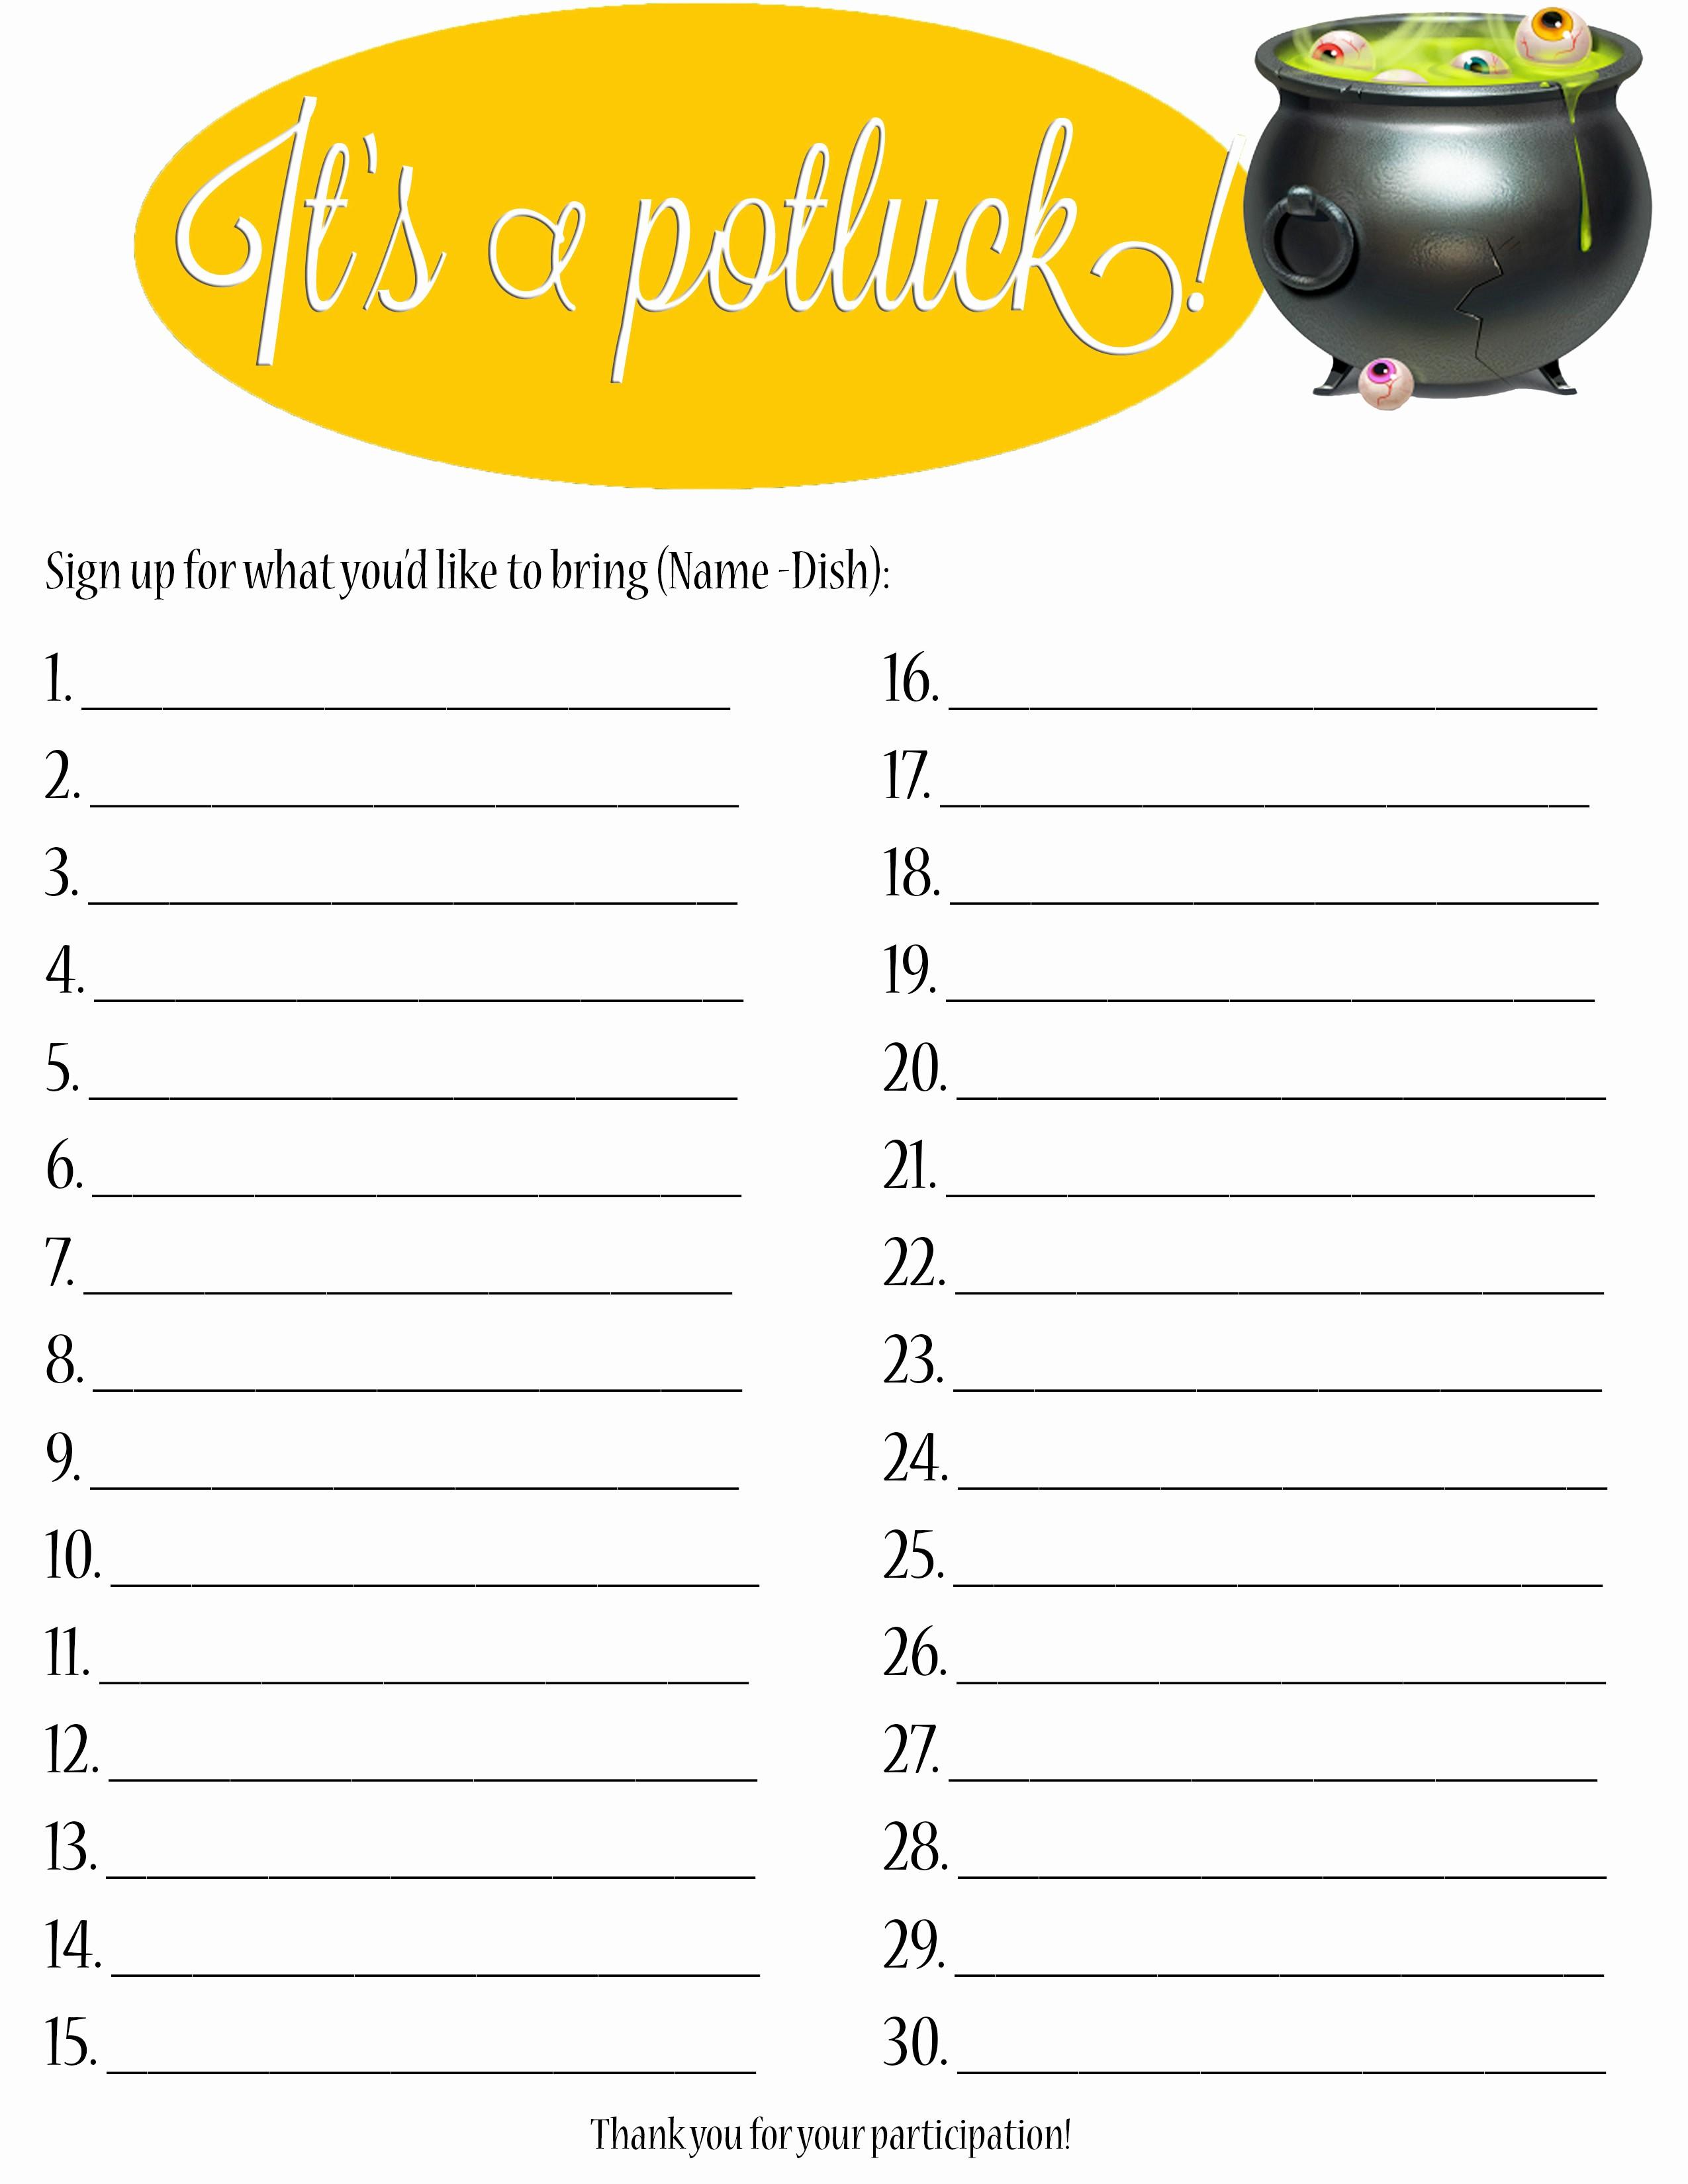 Thanksgiving Sign Up Sheet Printable Fresh Thanksgiving Printable Potluck Sign Up Sheets – Happy